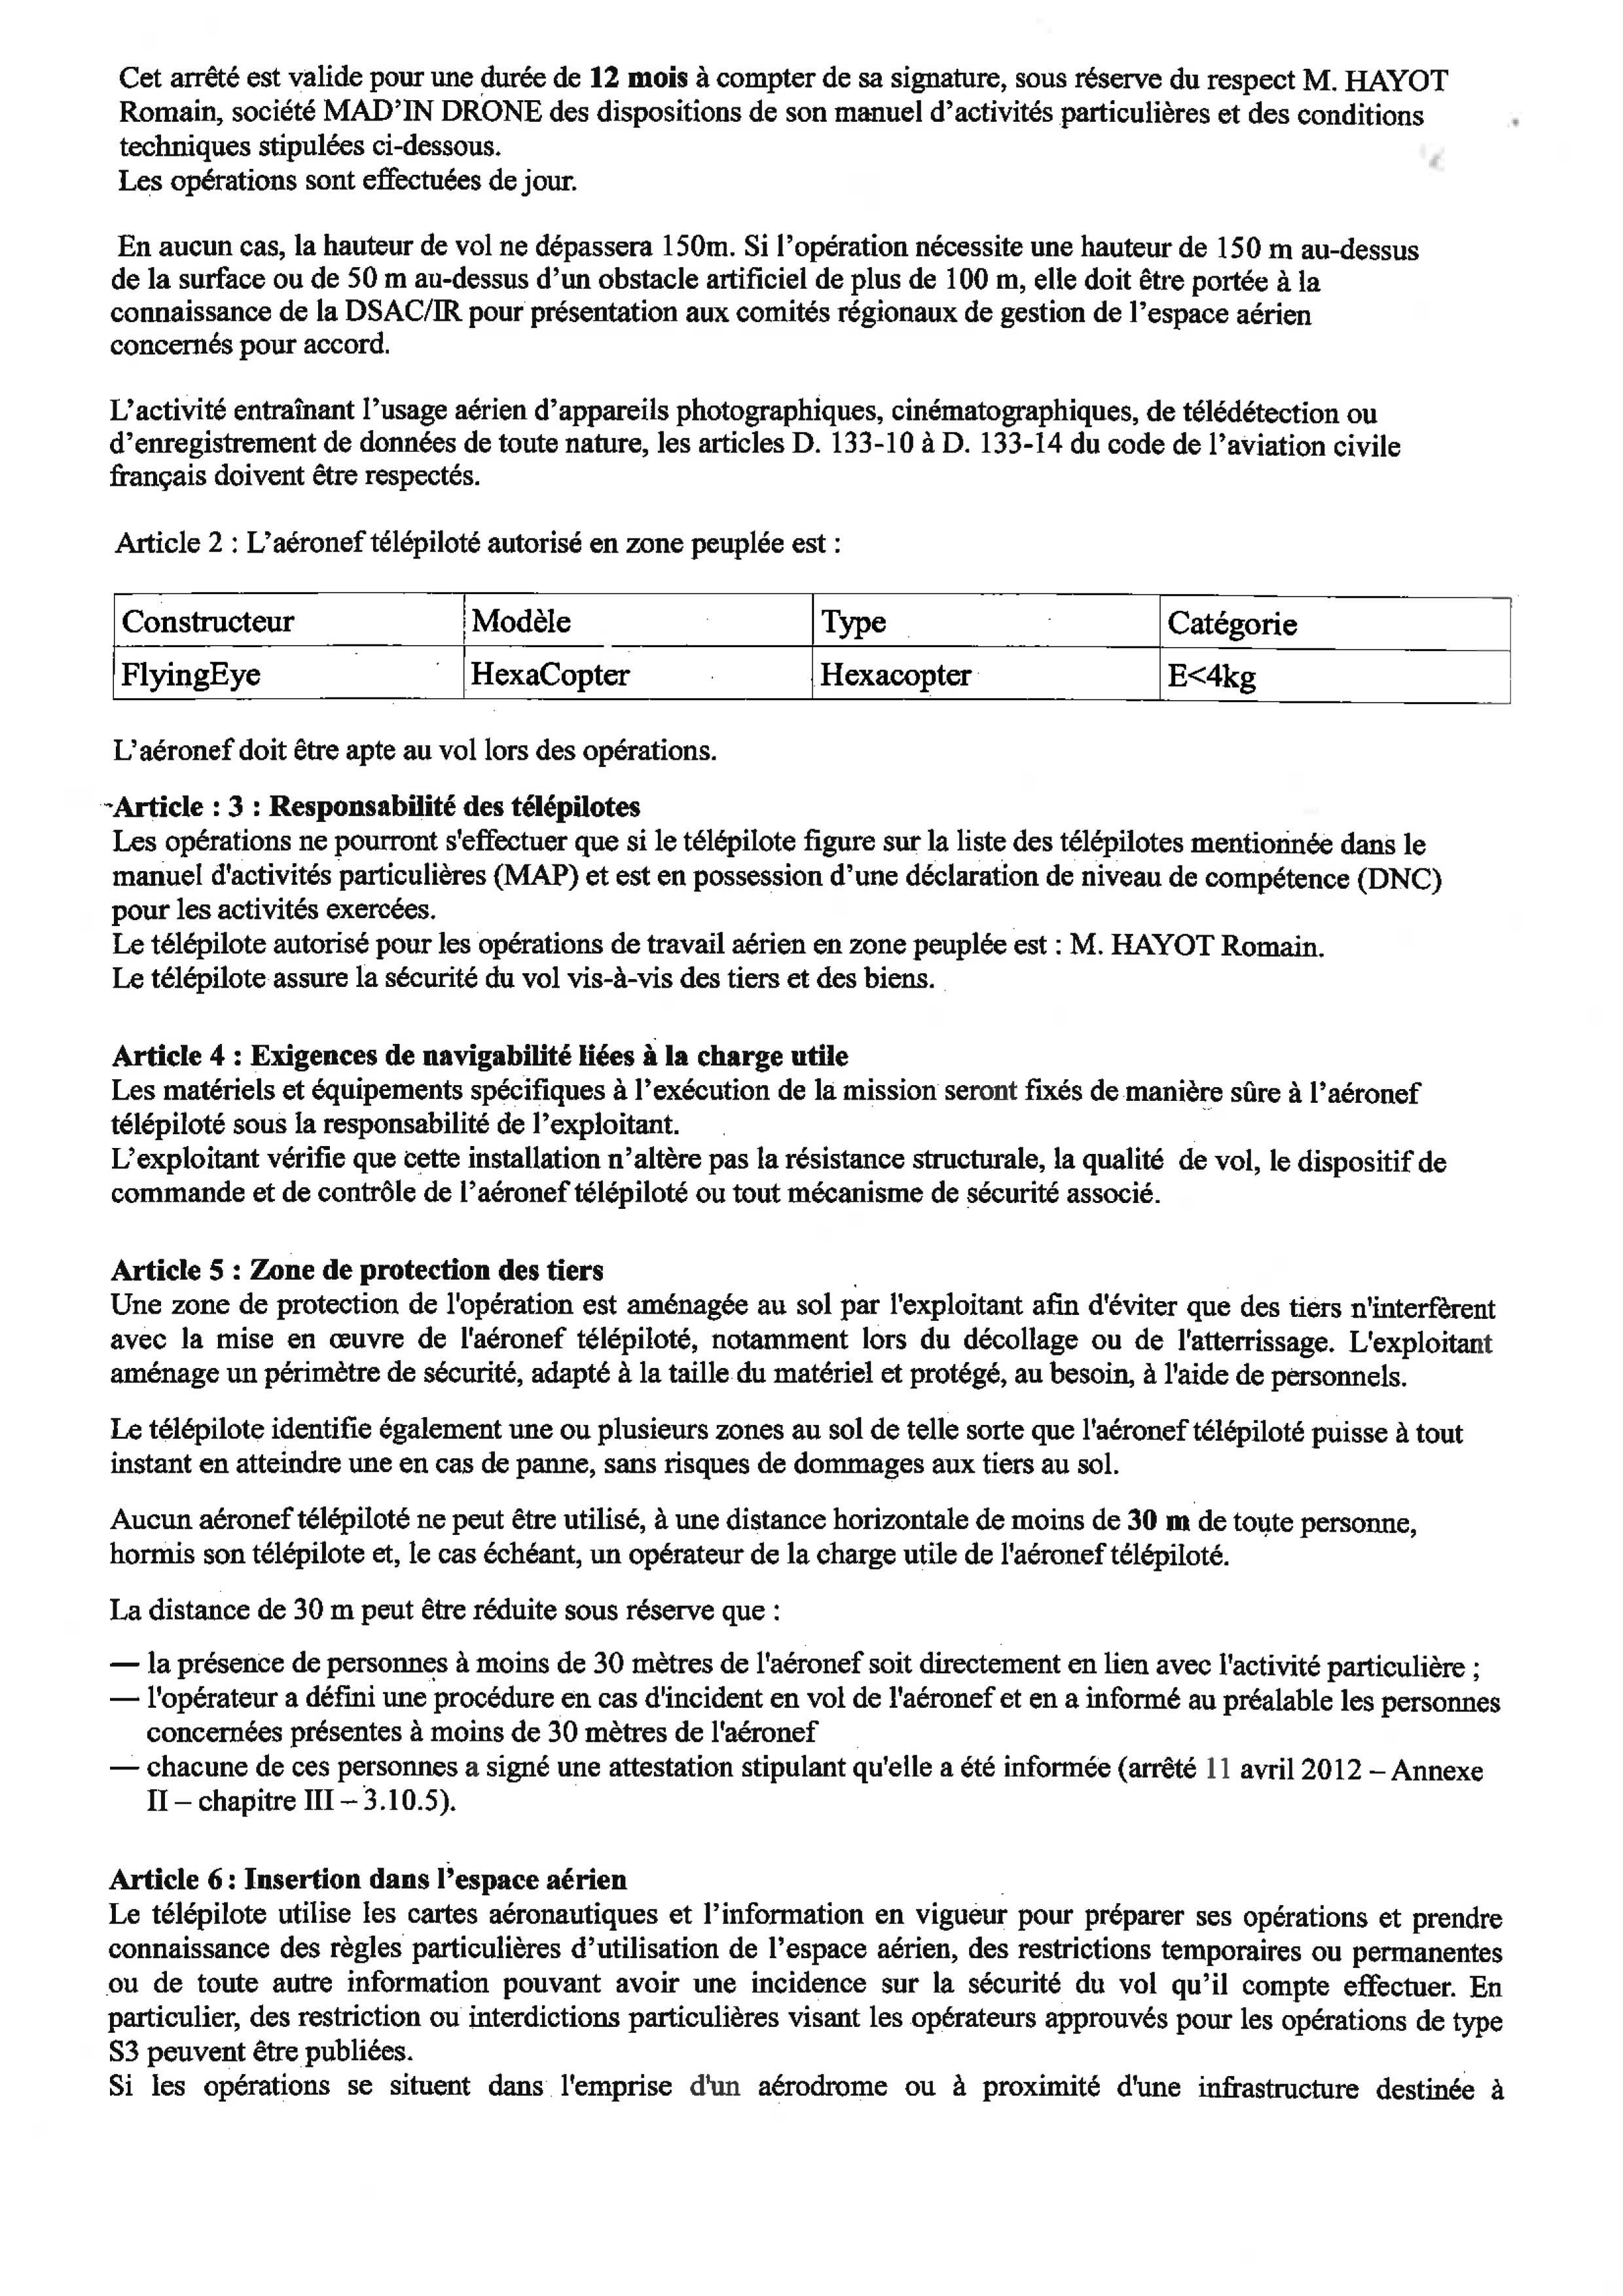 Mad'In Drone - Arrêté Préfectoral Guadeloupe - Autorisation de survol des agglomérations